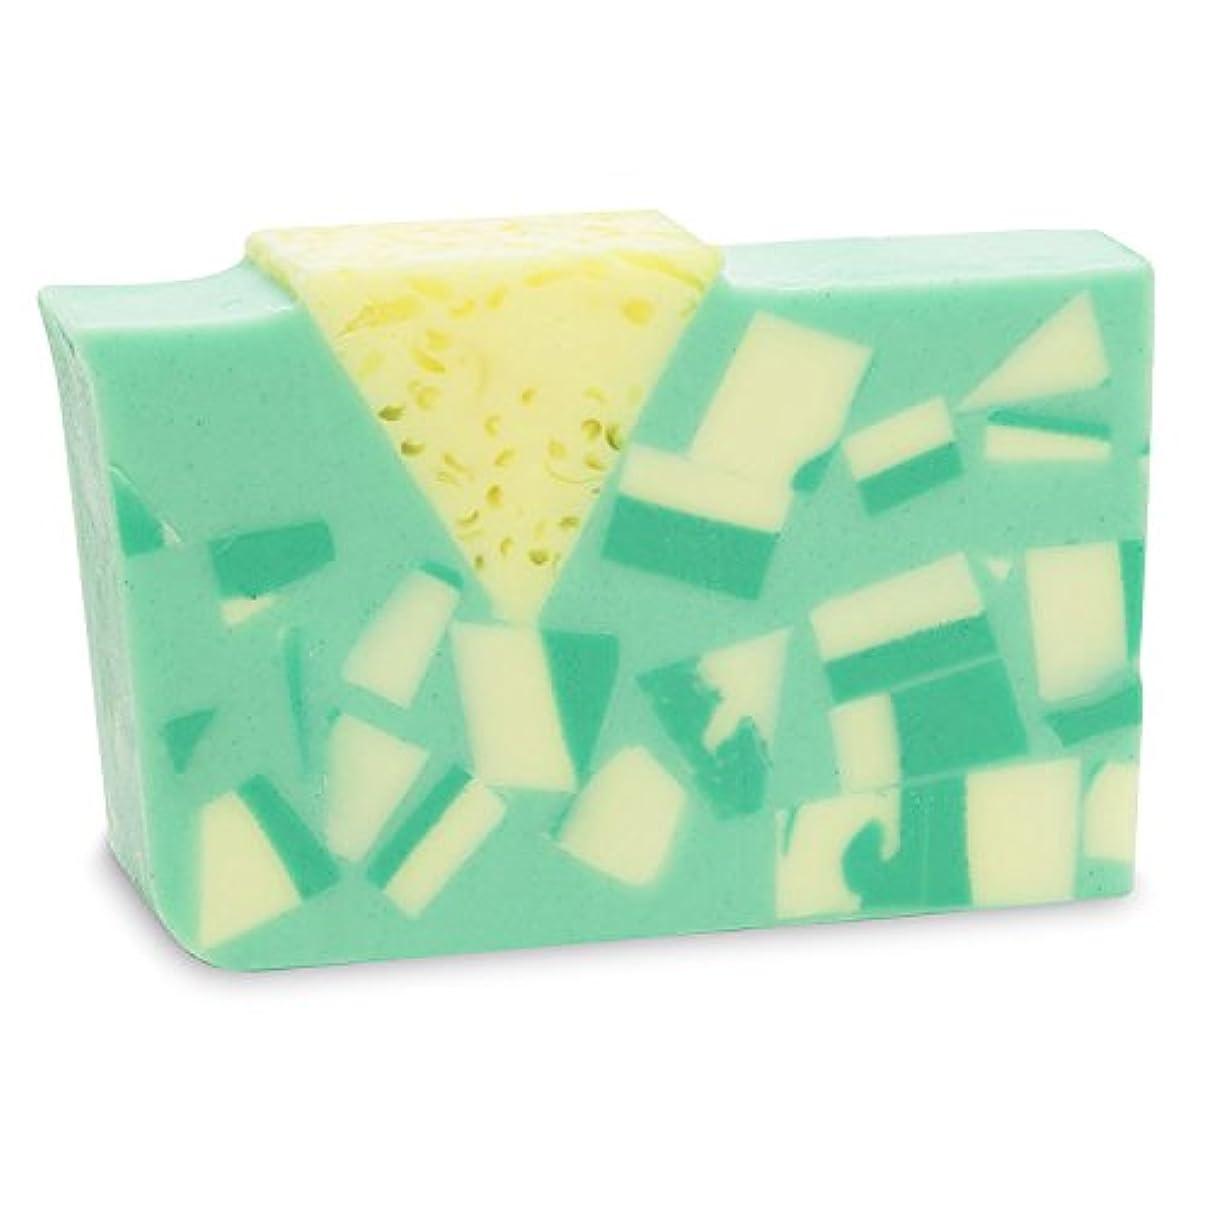 Primal Elements SWGUAC Guacamole 5.8 oz. Bar Soap in Shrinkwrap